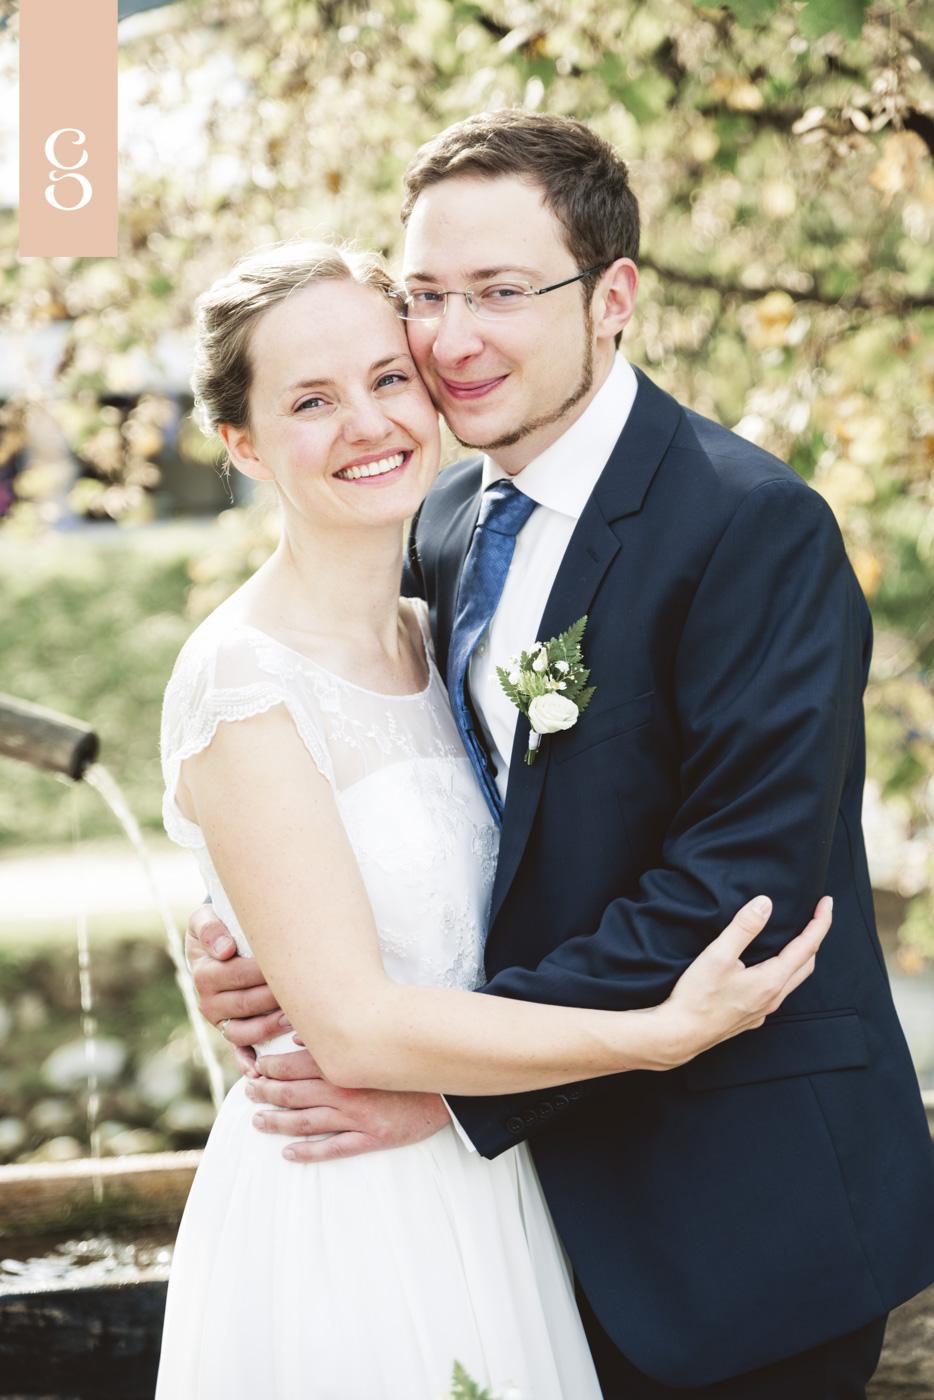 Fotograf_Goettges_Hochzeit_Wedding_Ramsau_Hintersee_Hirschbichl_Berchtesgaden_Hochzeitsfotograf-6